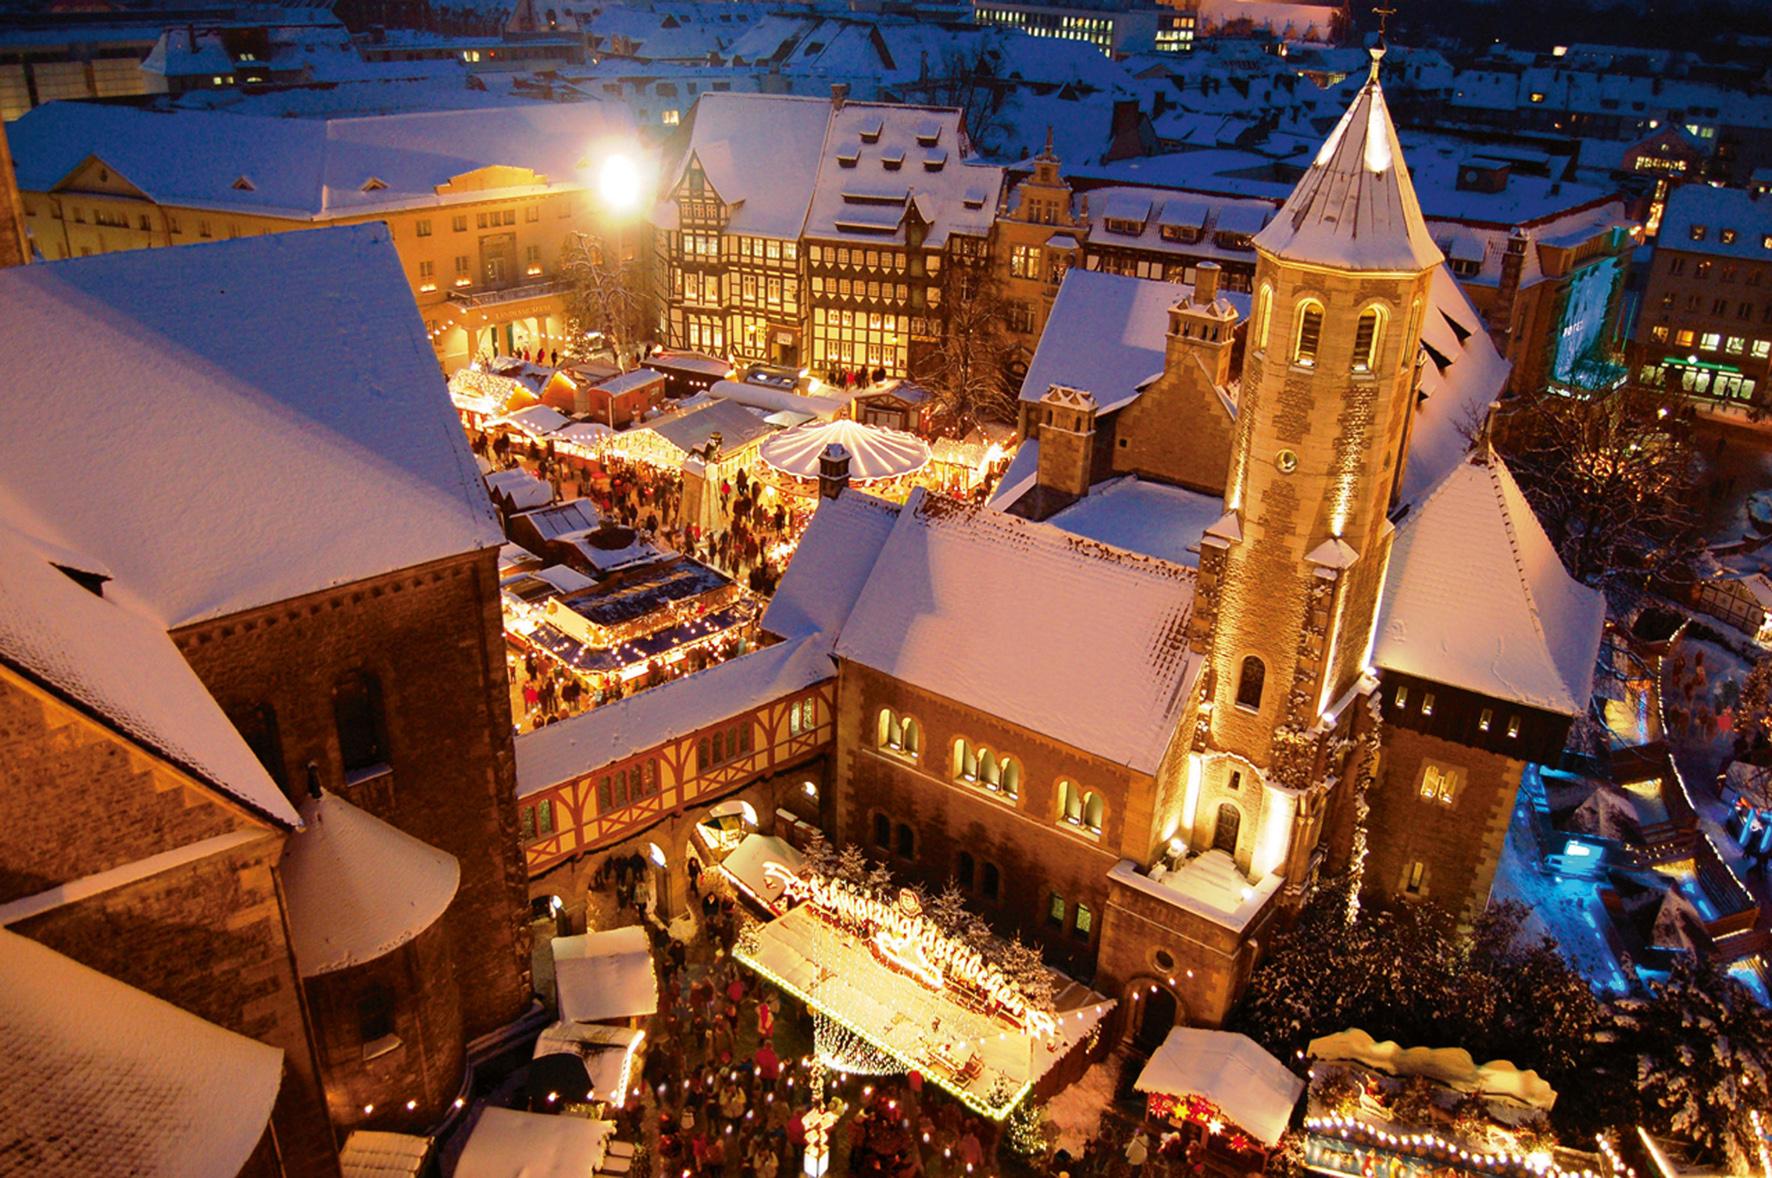 Mit Schnee sieht der Markt aus wie gemalt. Foto: Braunschweig Stadtmarketing GmbH